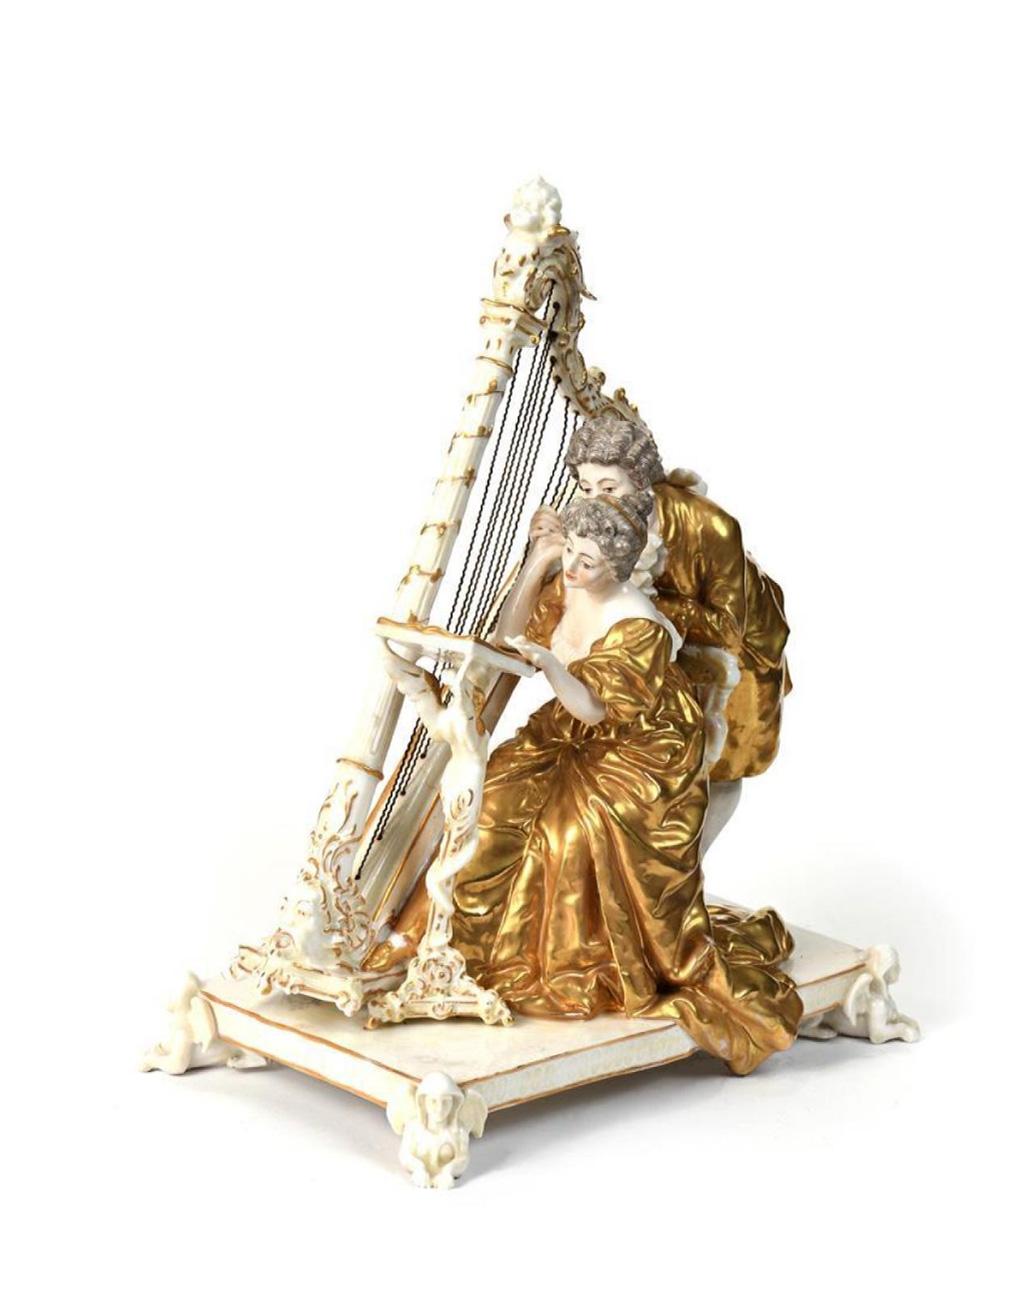 272€ Allemagne, vers 1900.La Leçon de harpe, porcelaine, 33x27x19cm.Tours, 16novembre 2019.Hôtel des ventes GiraudeauOVV.